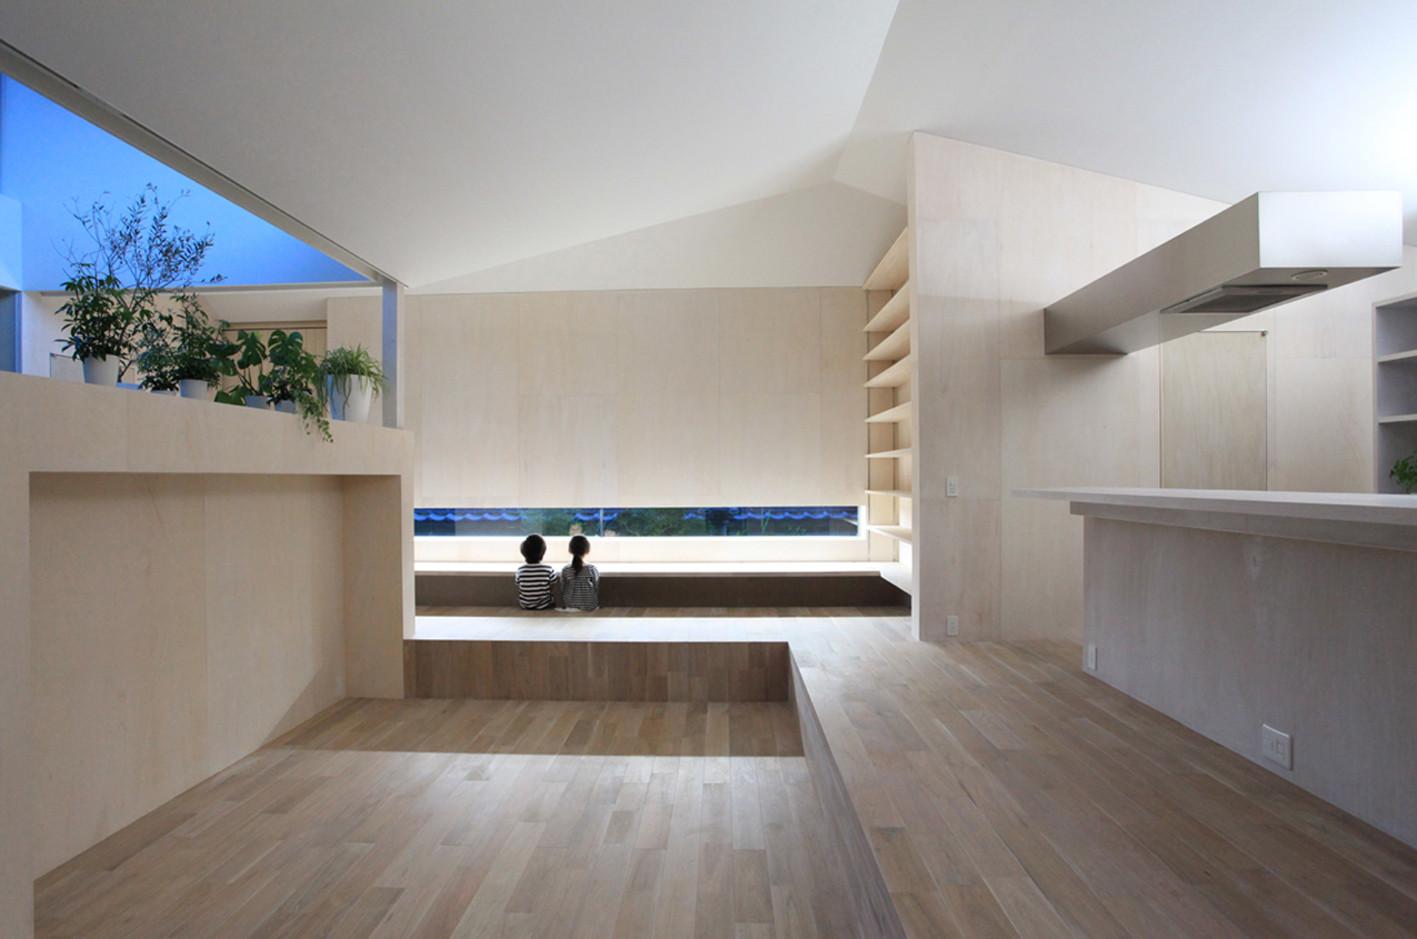 i.n.g  / Katsutoshi Sasaki + Associates, Courtesy of Katsutoshi Sasaki + Associates